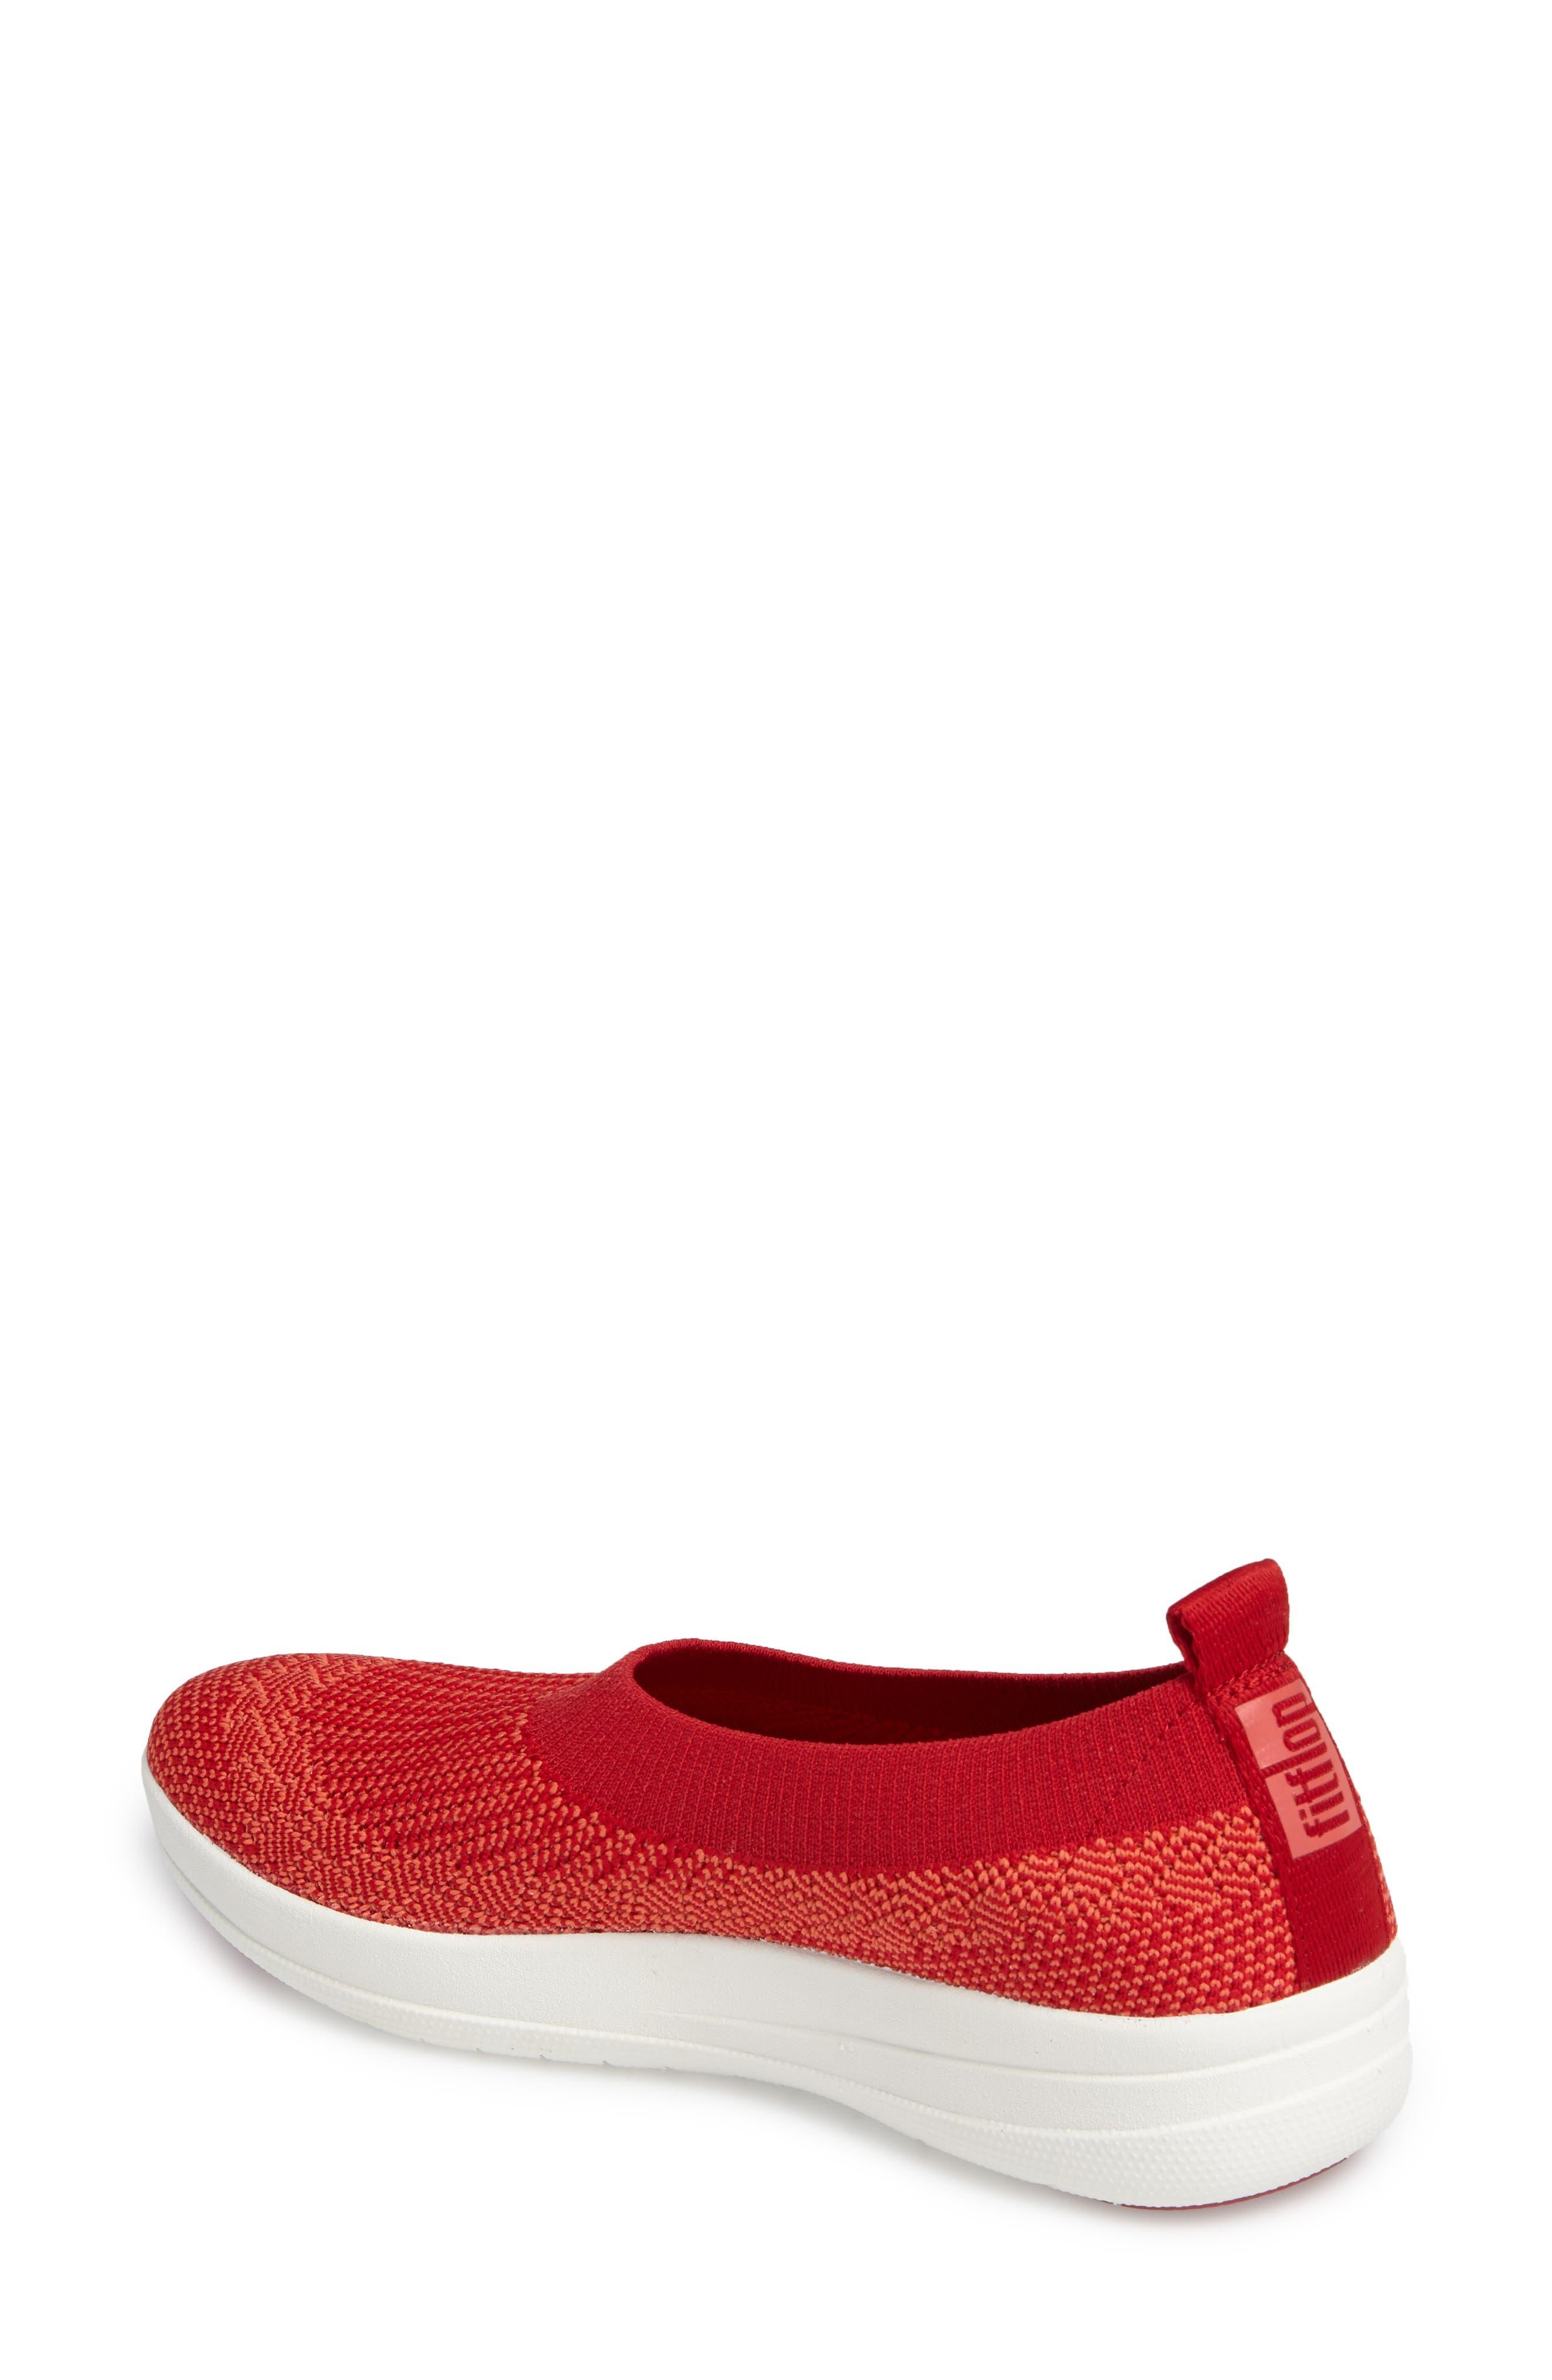 Uberknit Slip-On Sneaker,                             Alternate thumbnail 12, color,